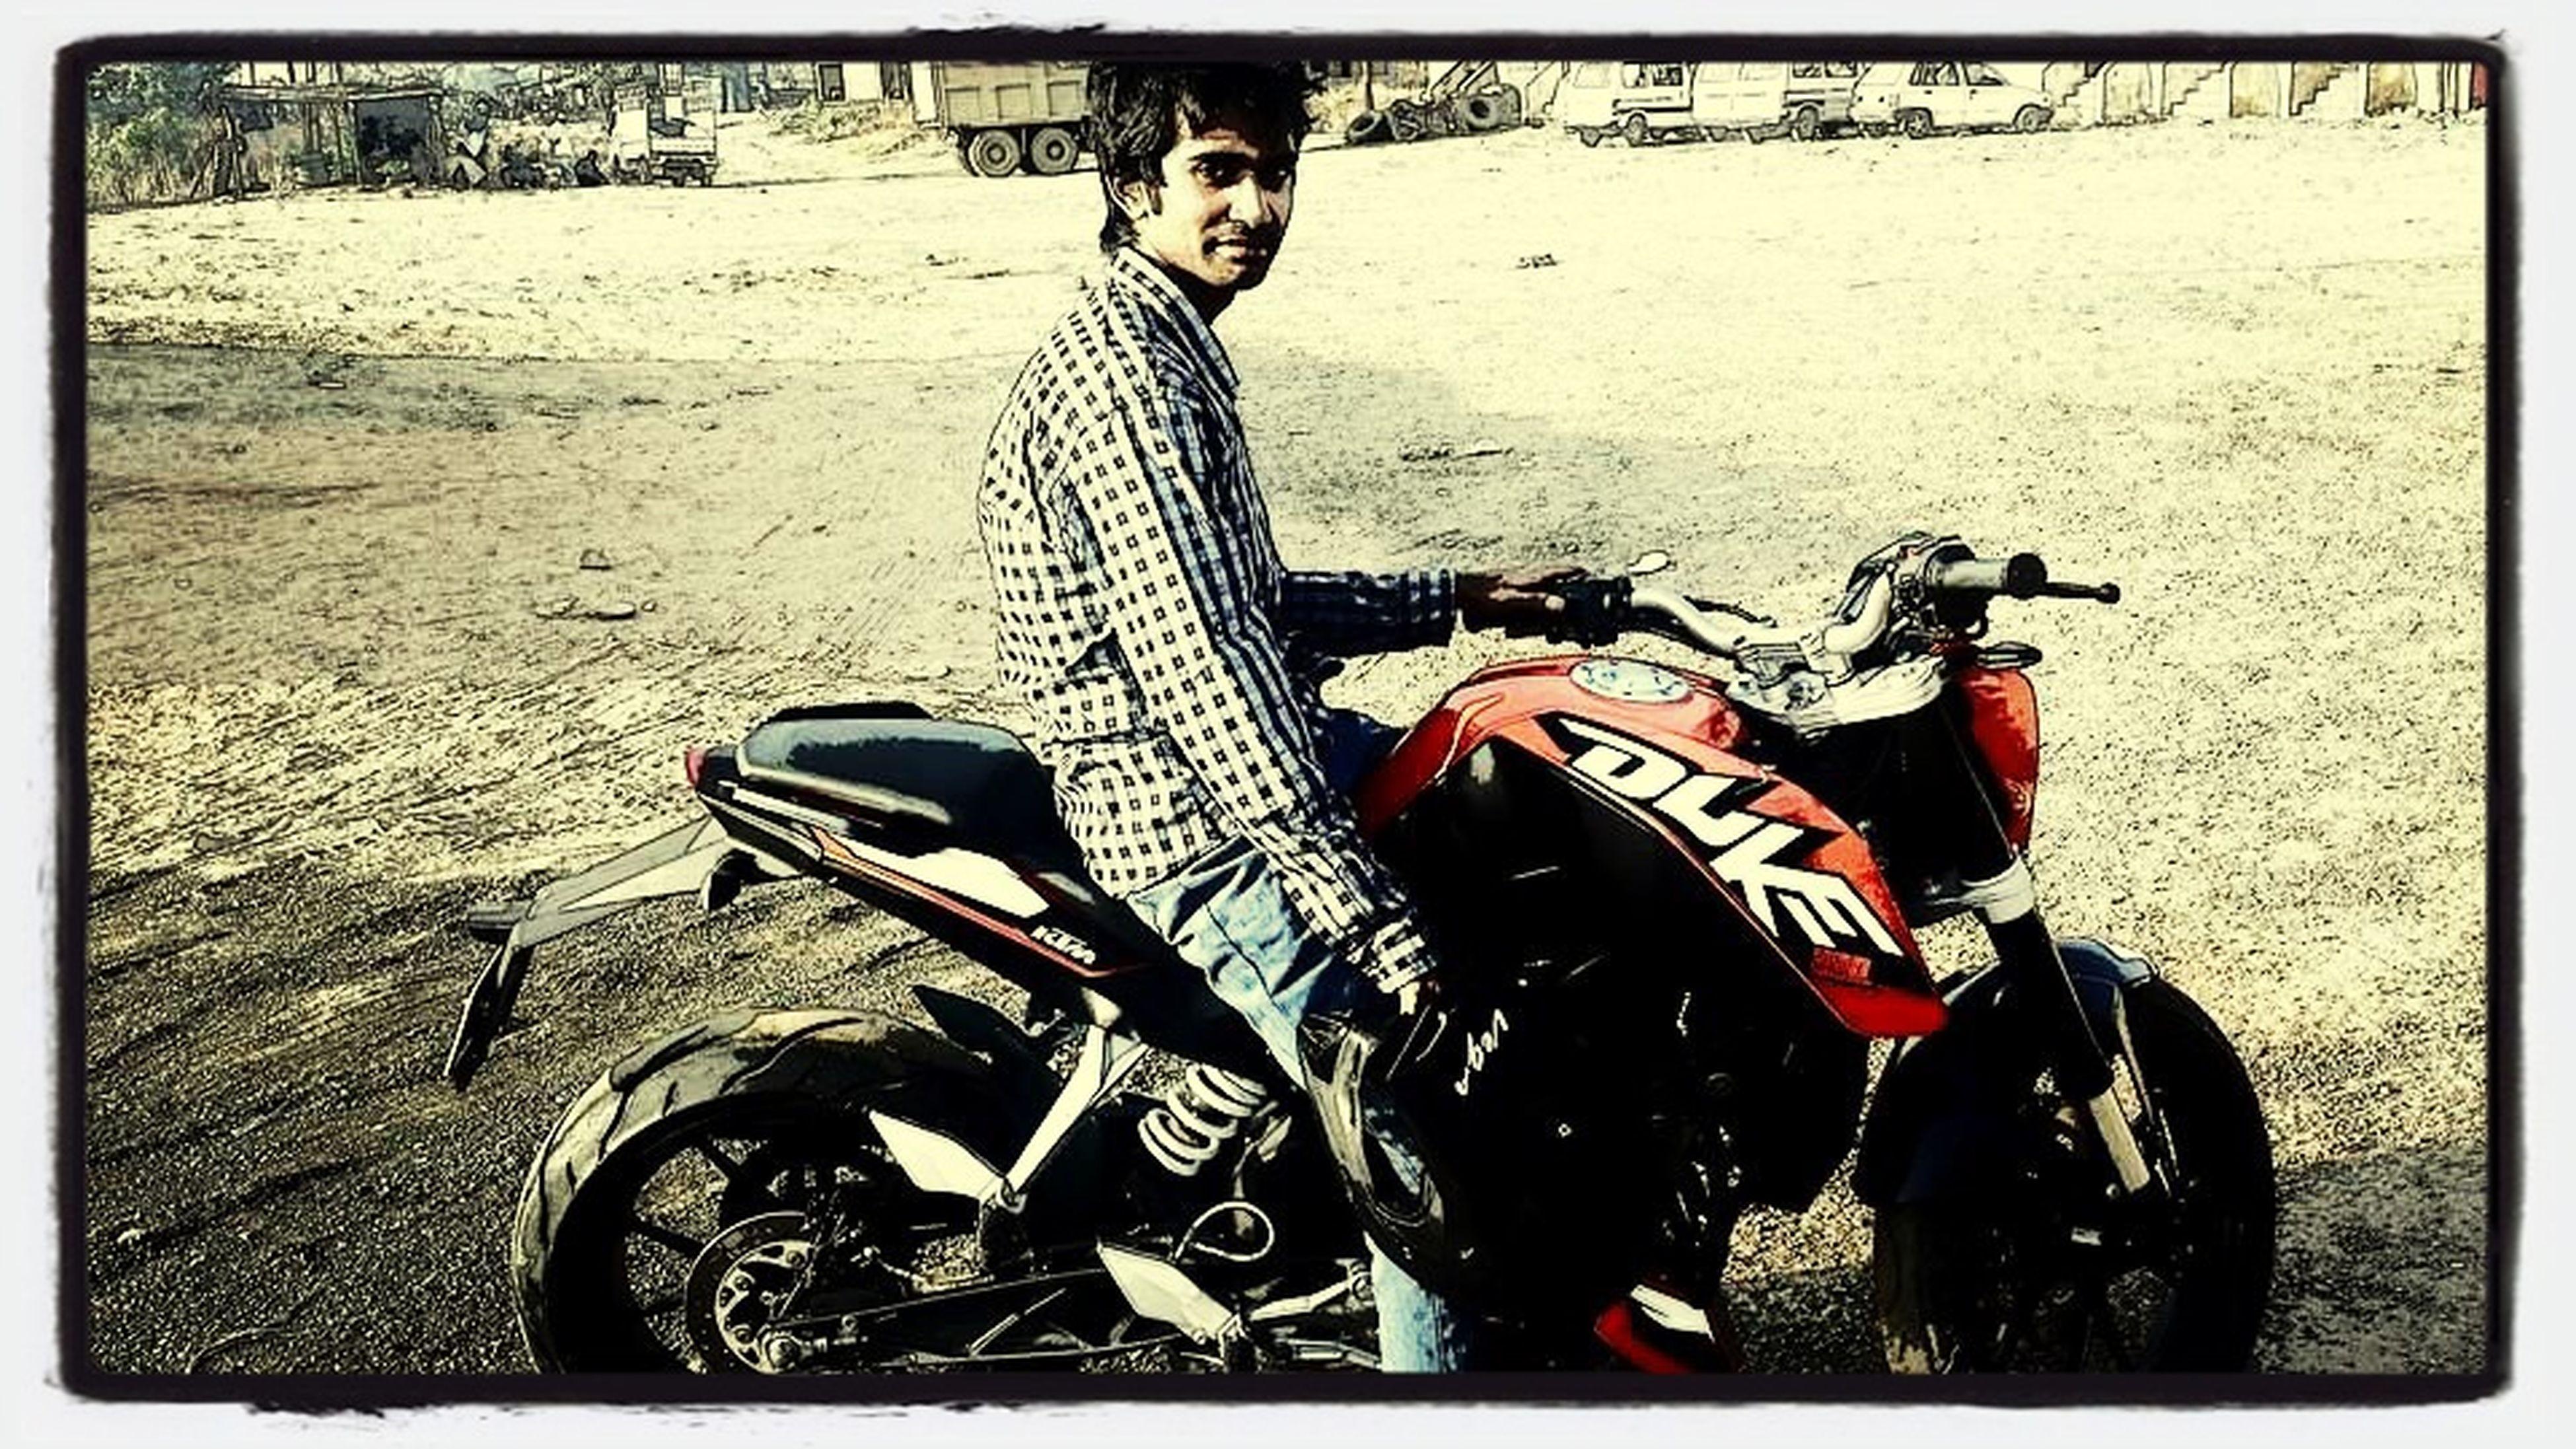 Bike Ride Or Die Having Fun